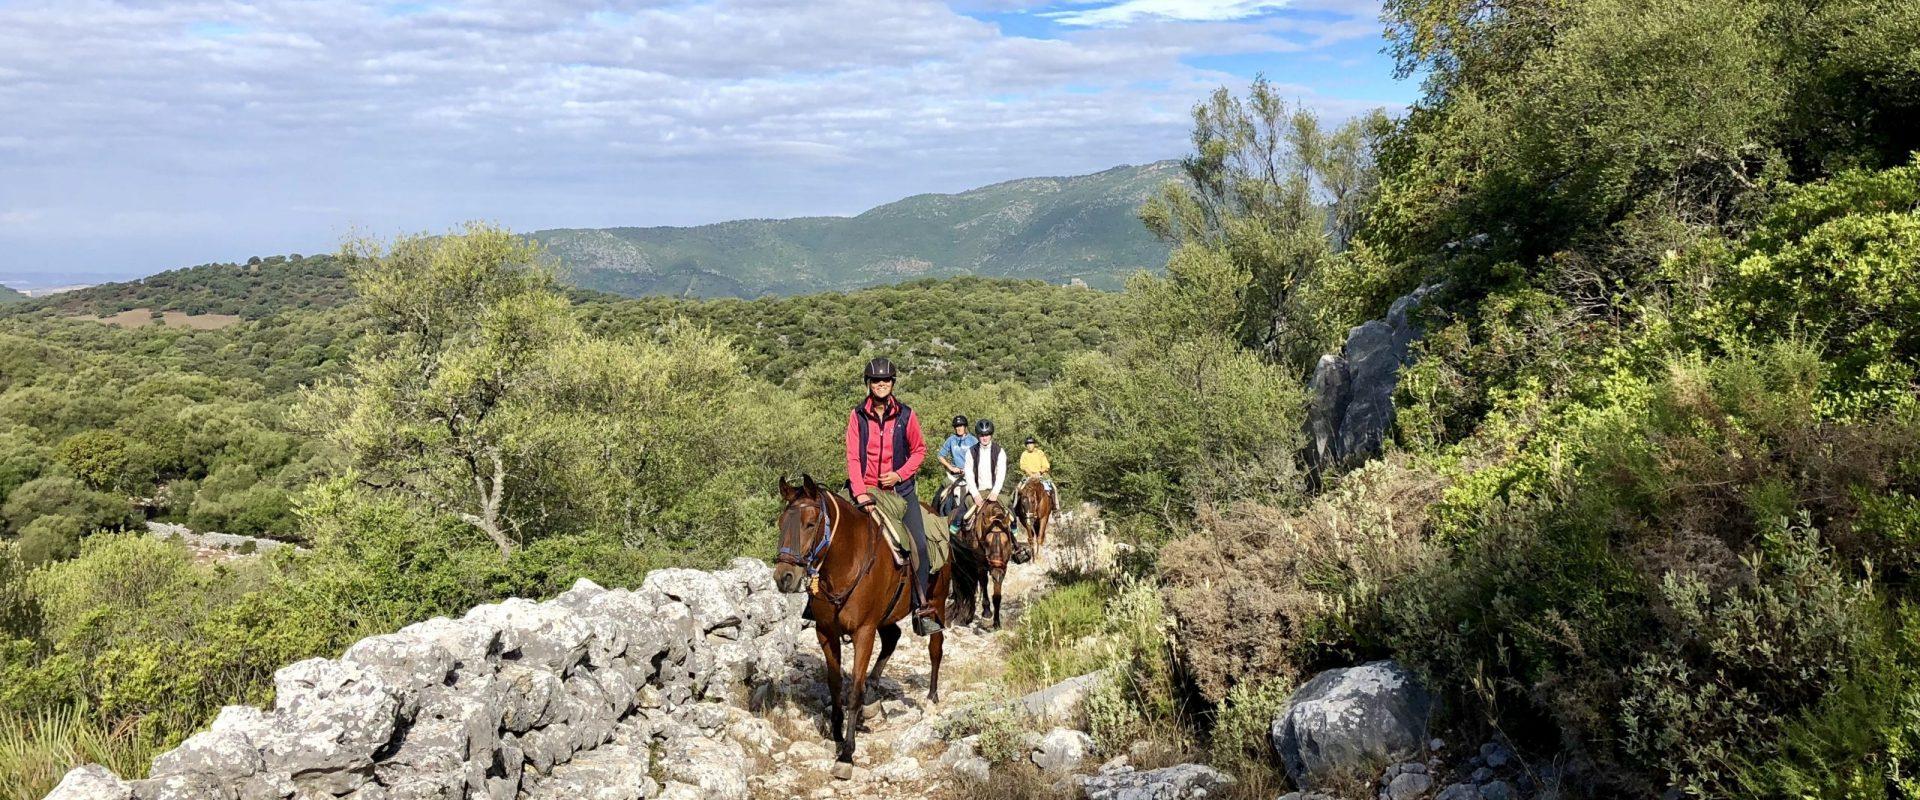 equiVentura - Wanderreiten in Andalusien